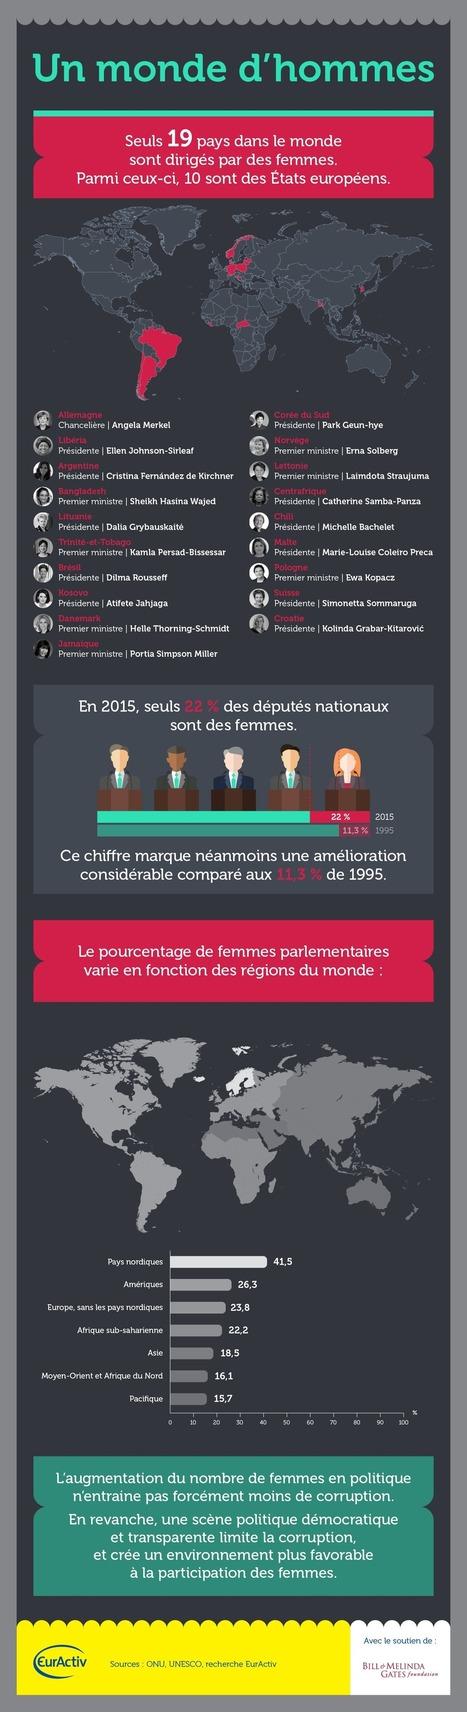 Infographie : Un monde d'hommes | Développement durable et efficacité énergétique | Scoop.it